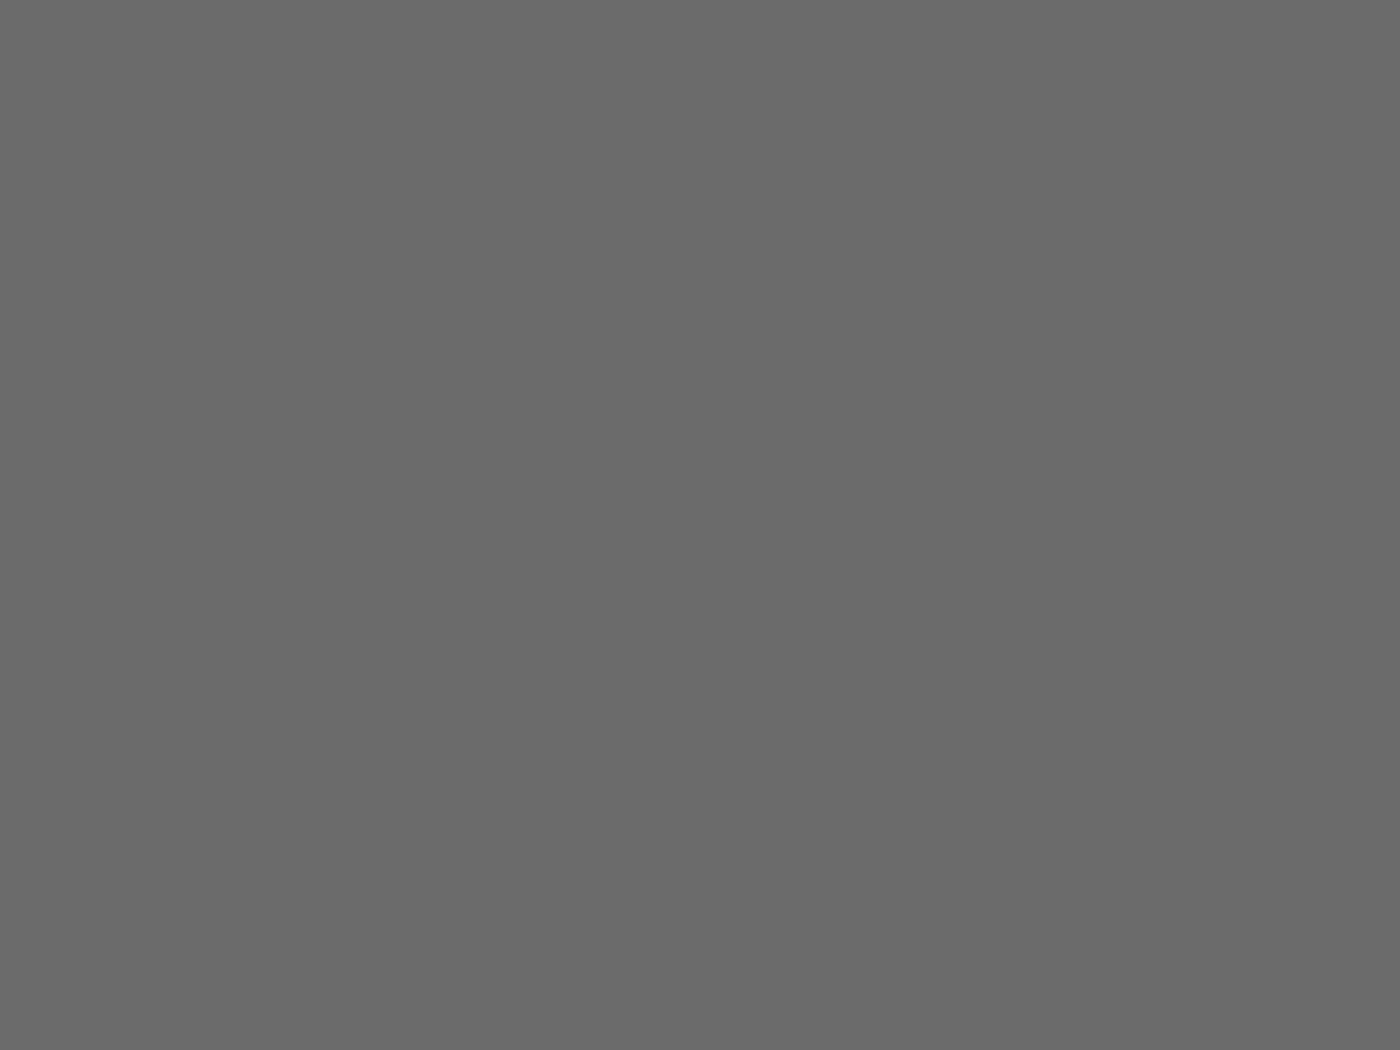 Solid Gray Wallpaper - WallpaperSafari